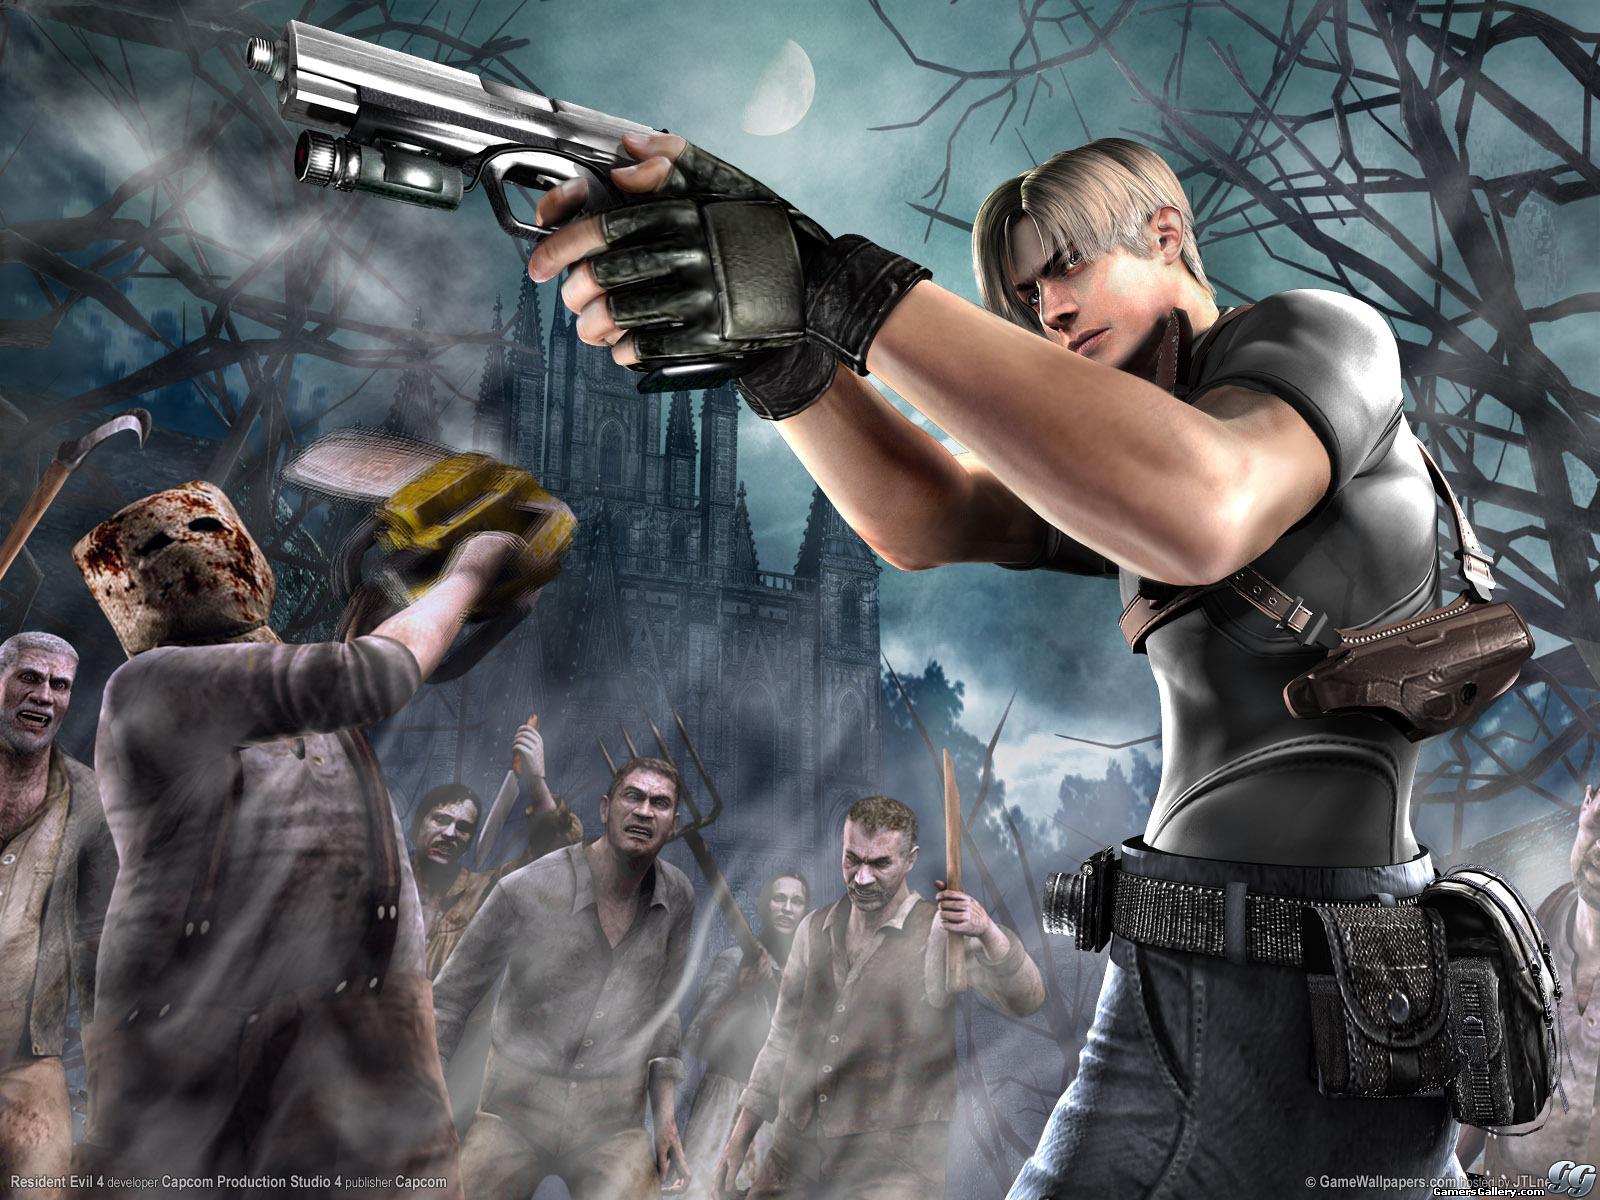 Super Video Game Brawl: Resident Evil 4 vs Resident Evil 5